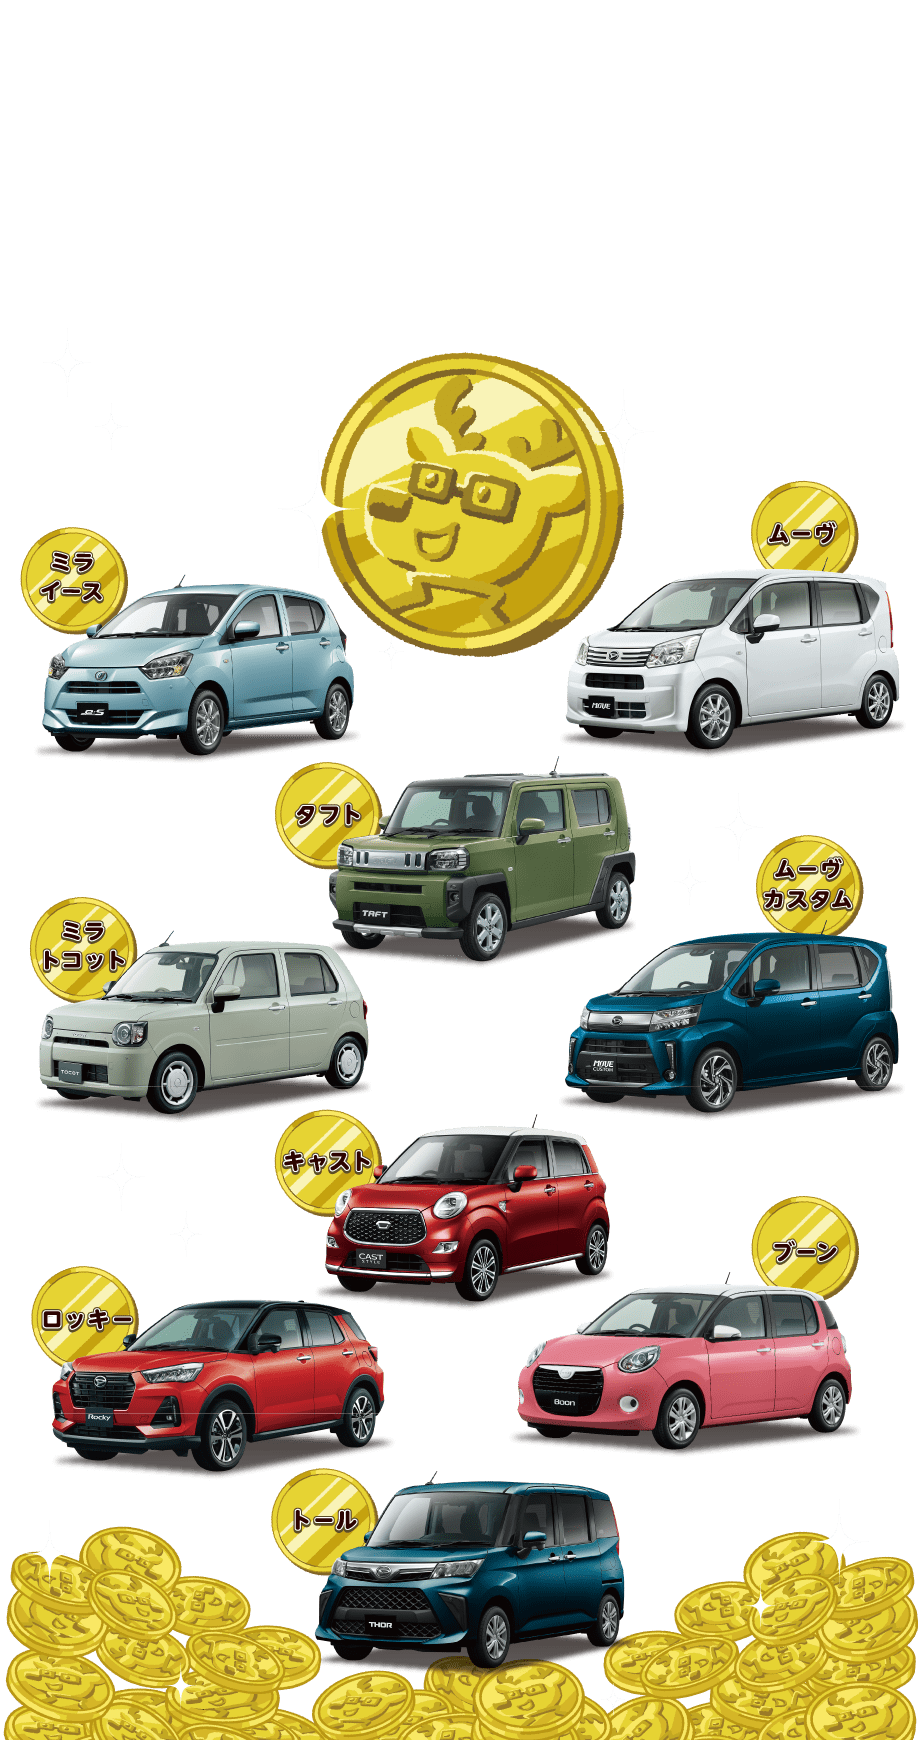 タント タントカスタム ロッキーの新車をご成約のお客様に10万円分の用品プレゼント